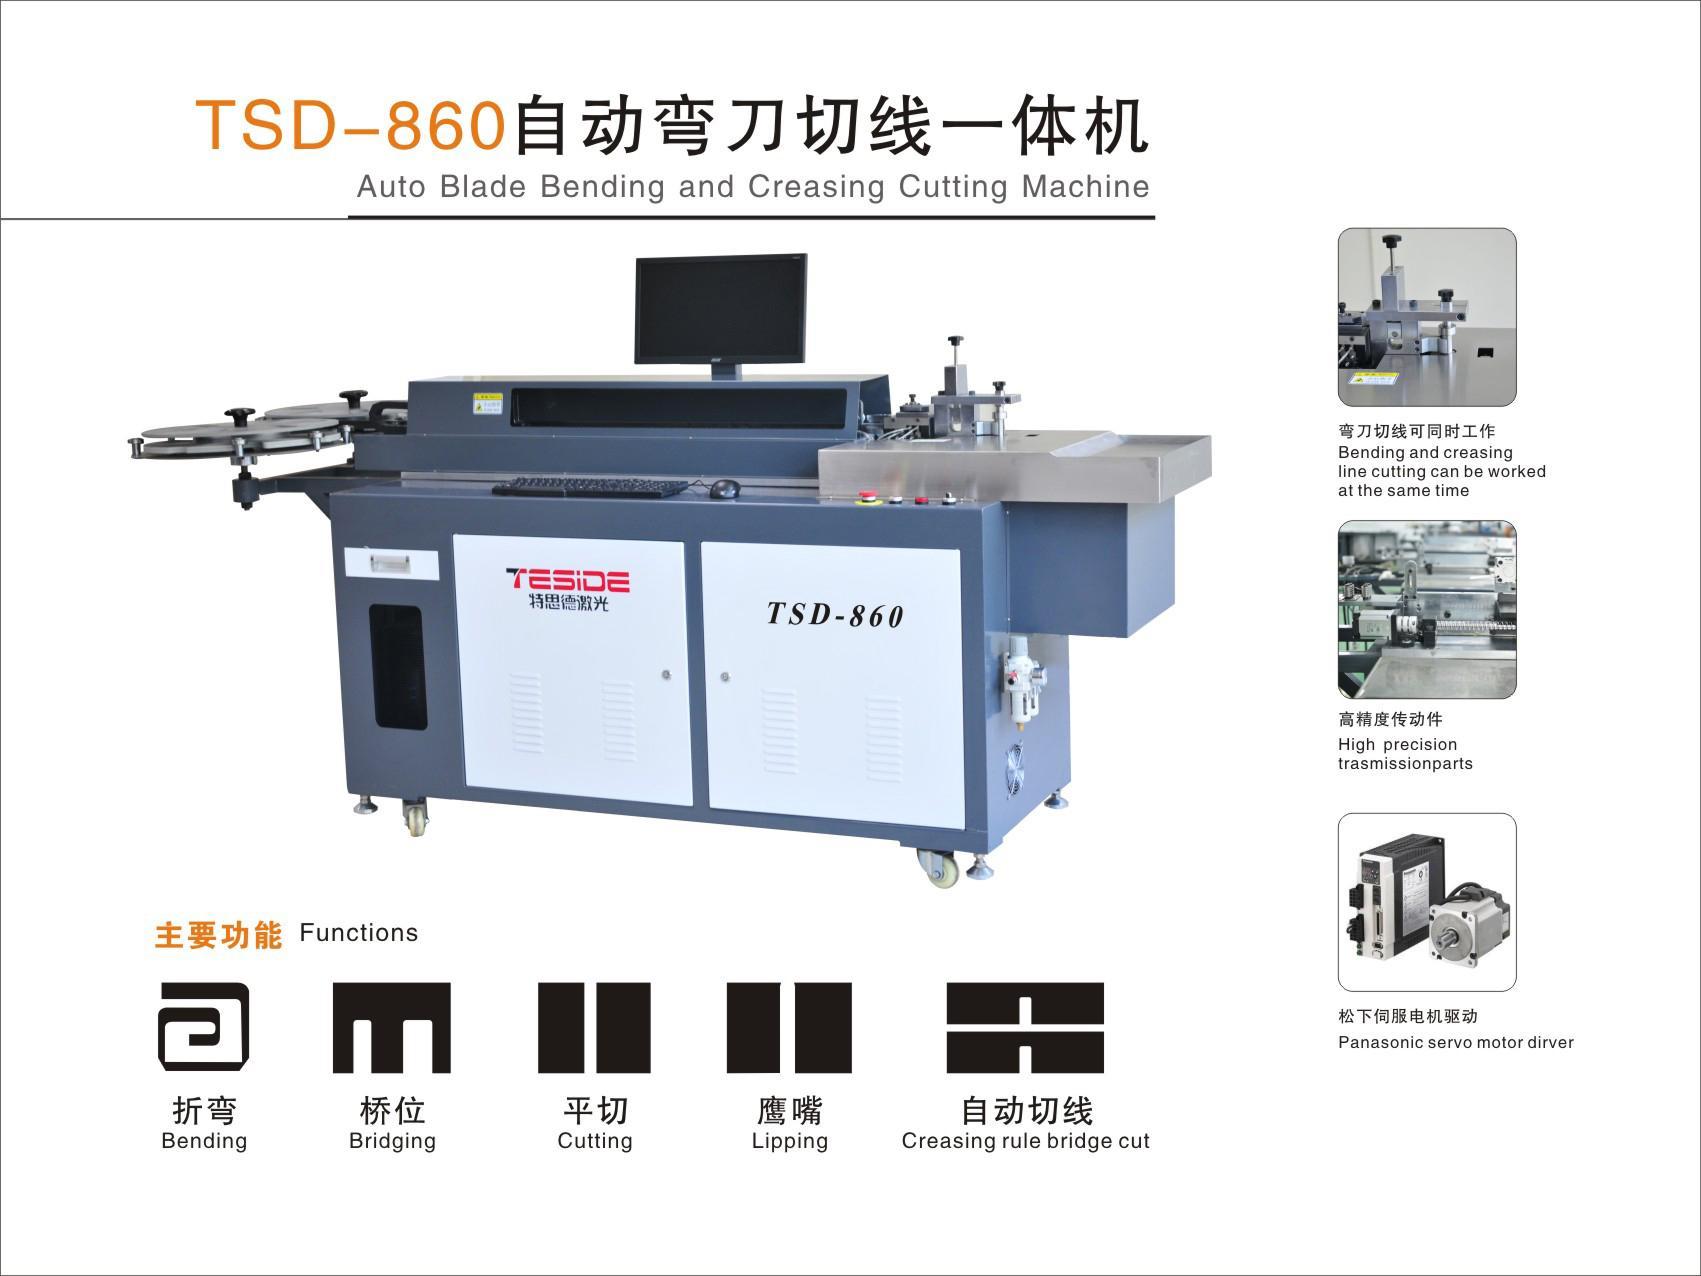 TSD-860自动弯刀机 4